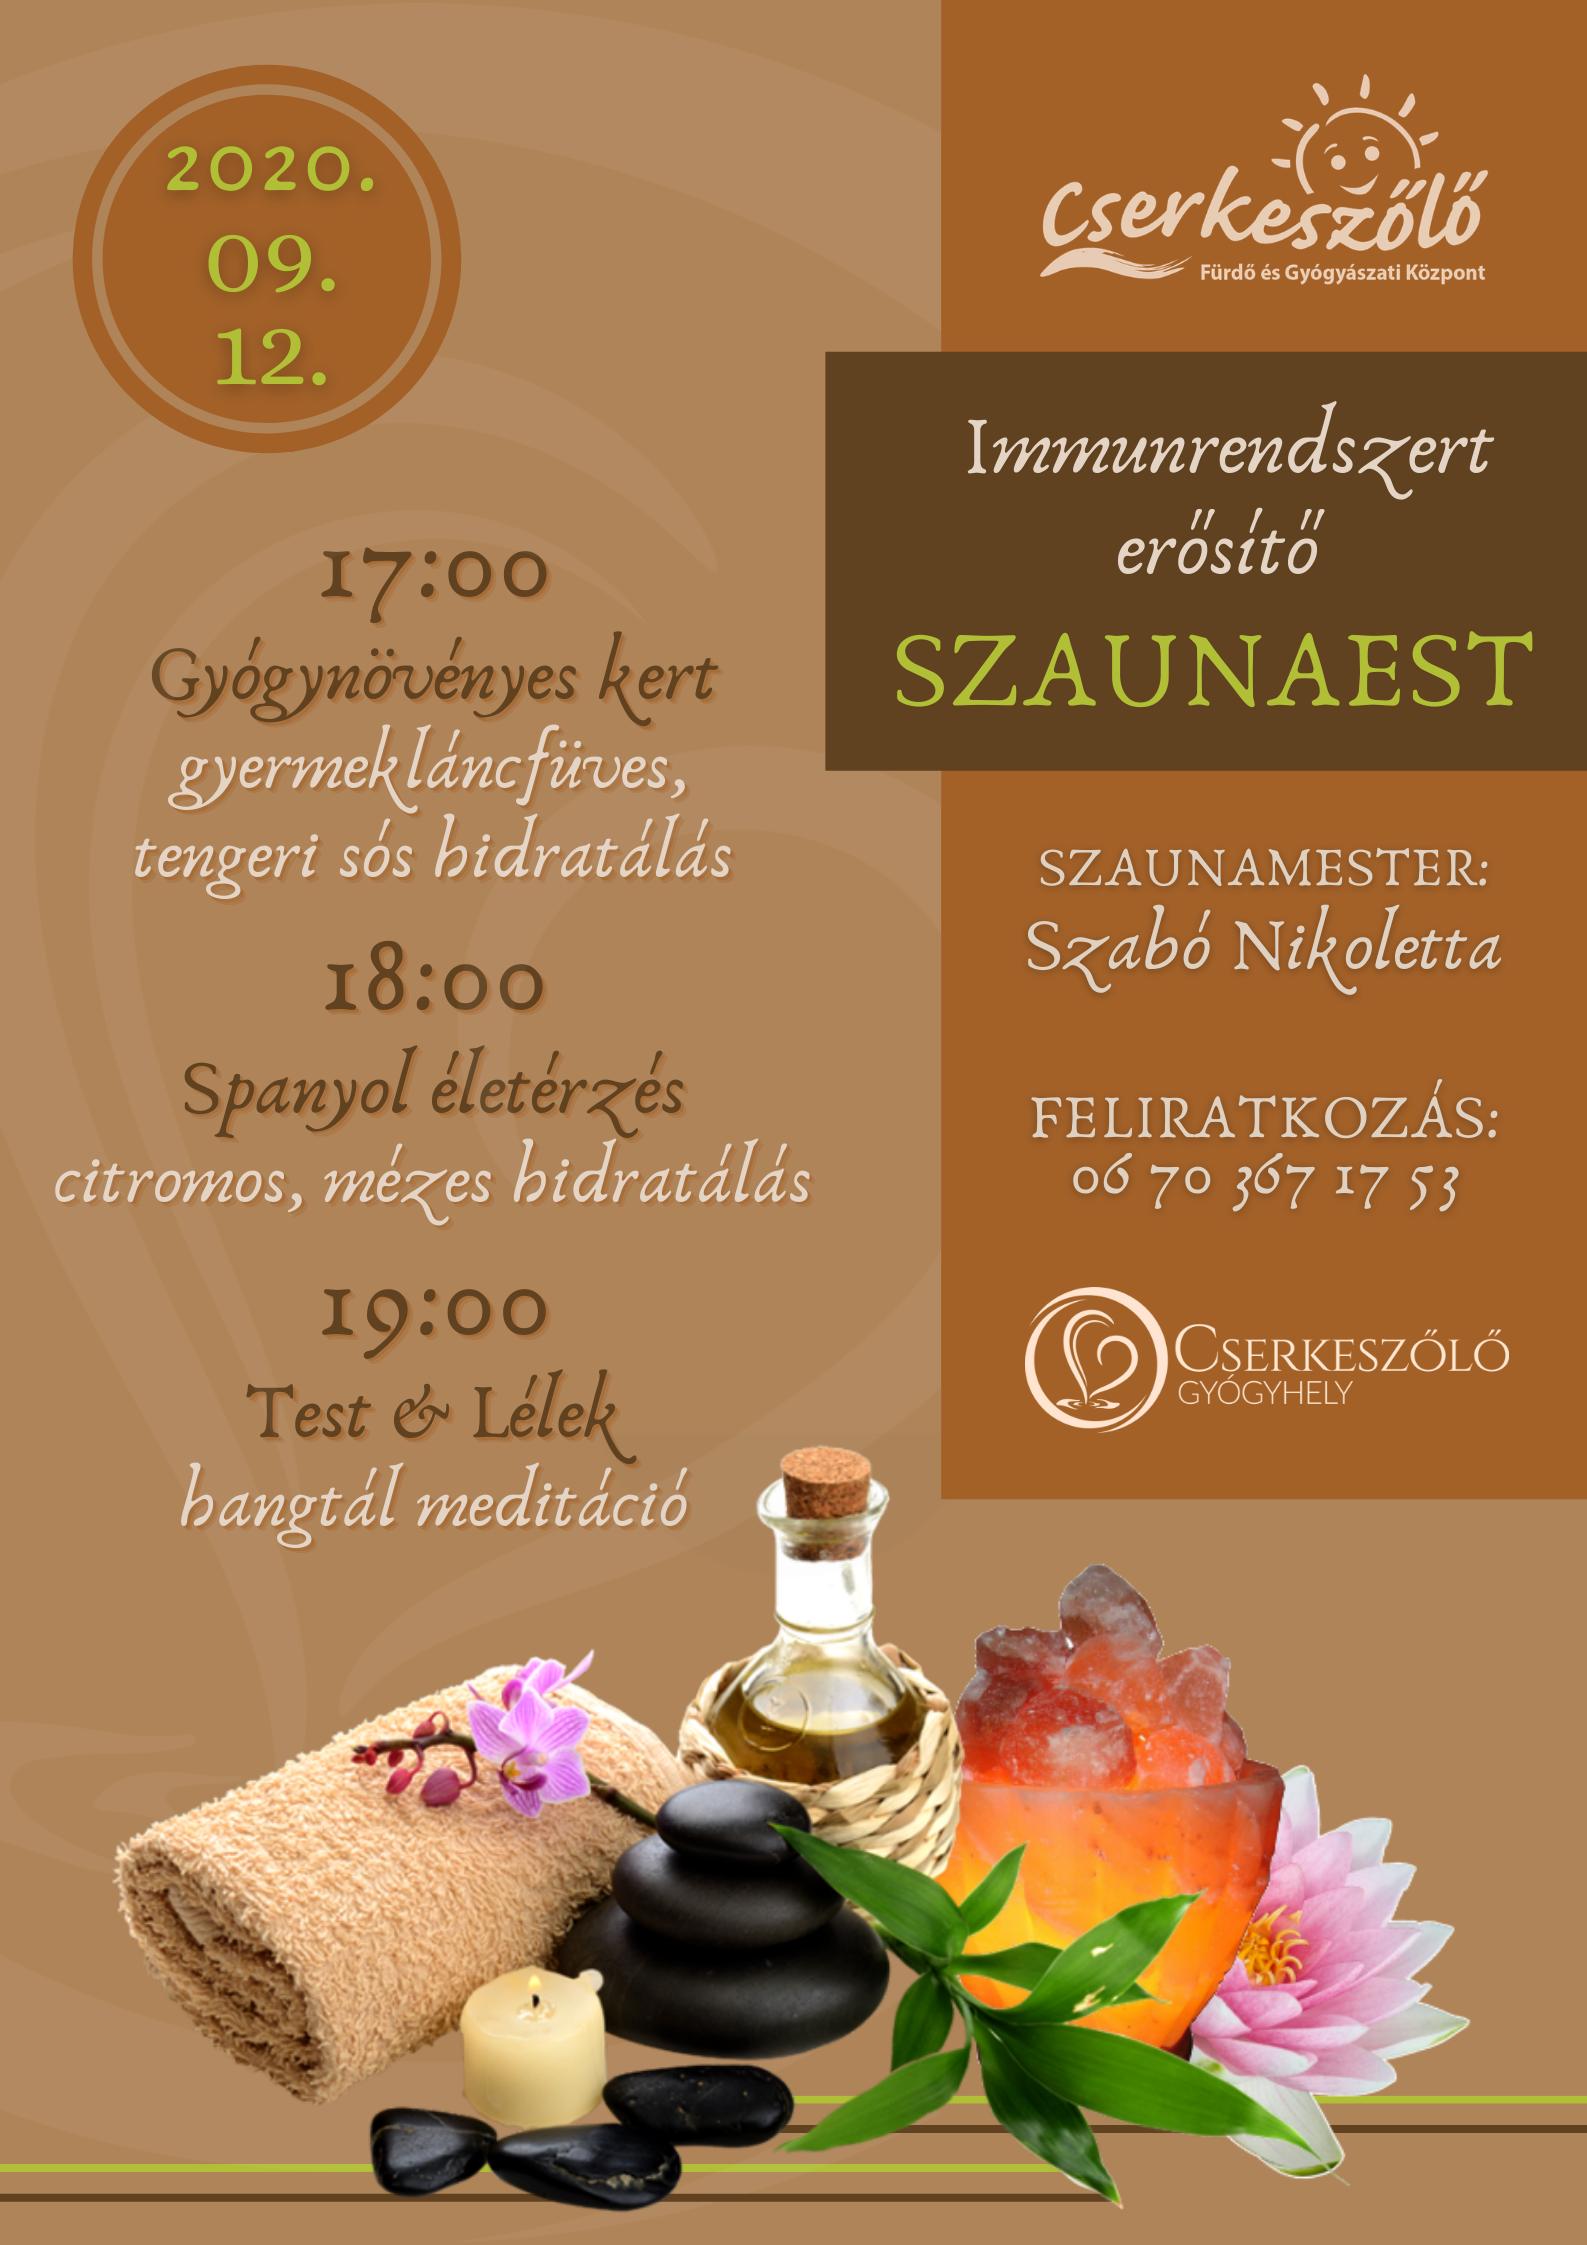 Immunrendszert erősítő SZAUNAEST